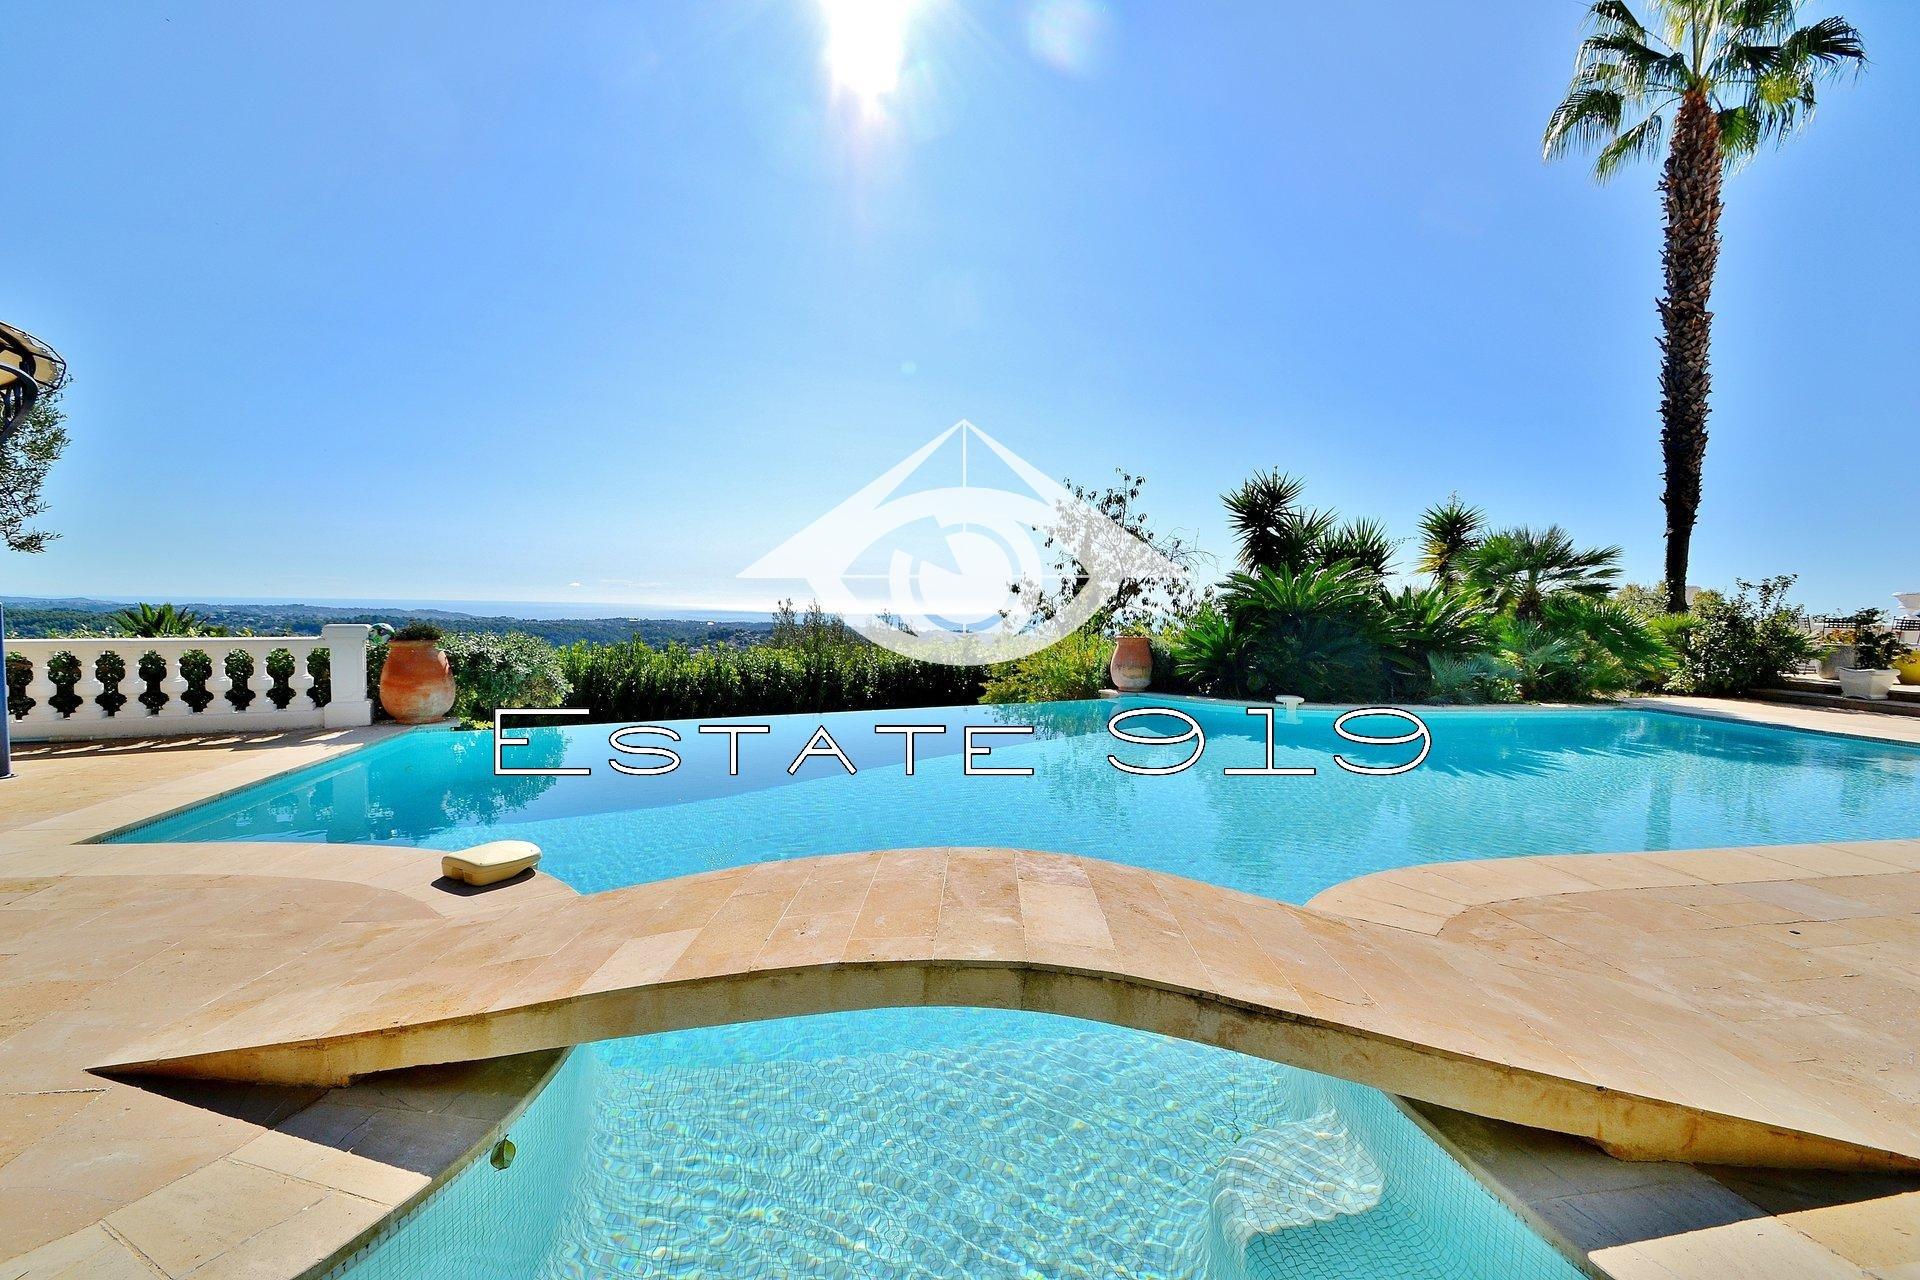 Vence  Maison en pierres Vue mer panoramique